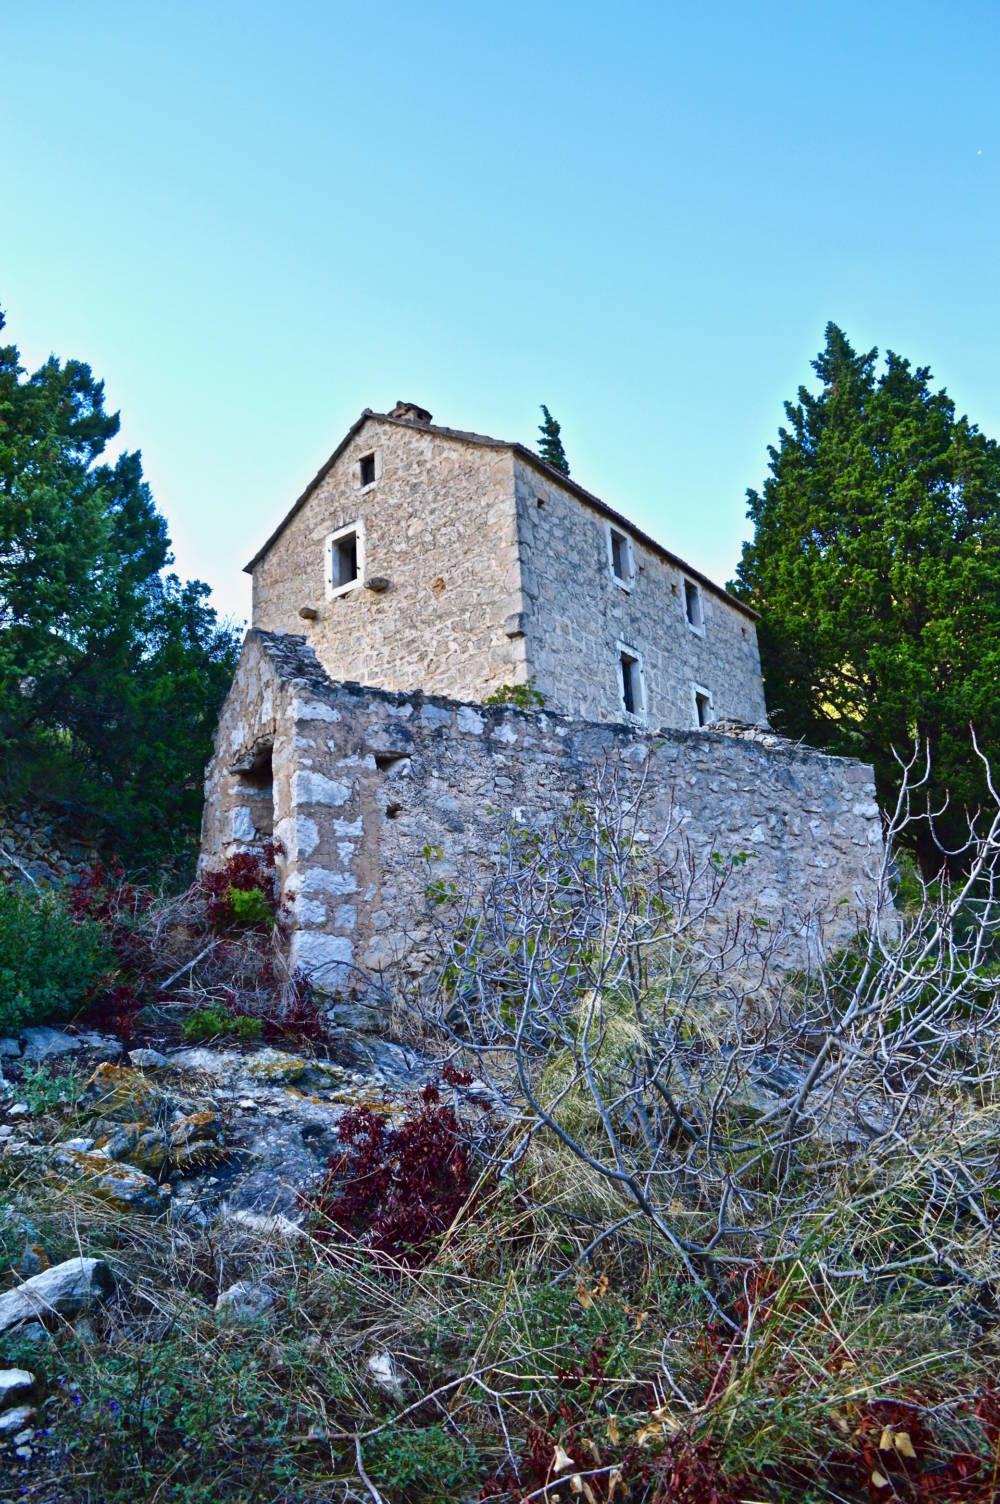 Warum alle Bewohner dieses kroatische Dorf verlassen haben